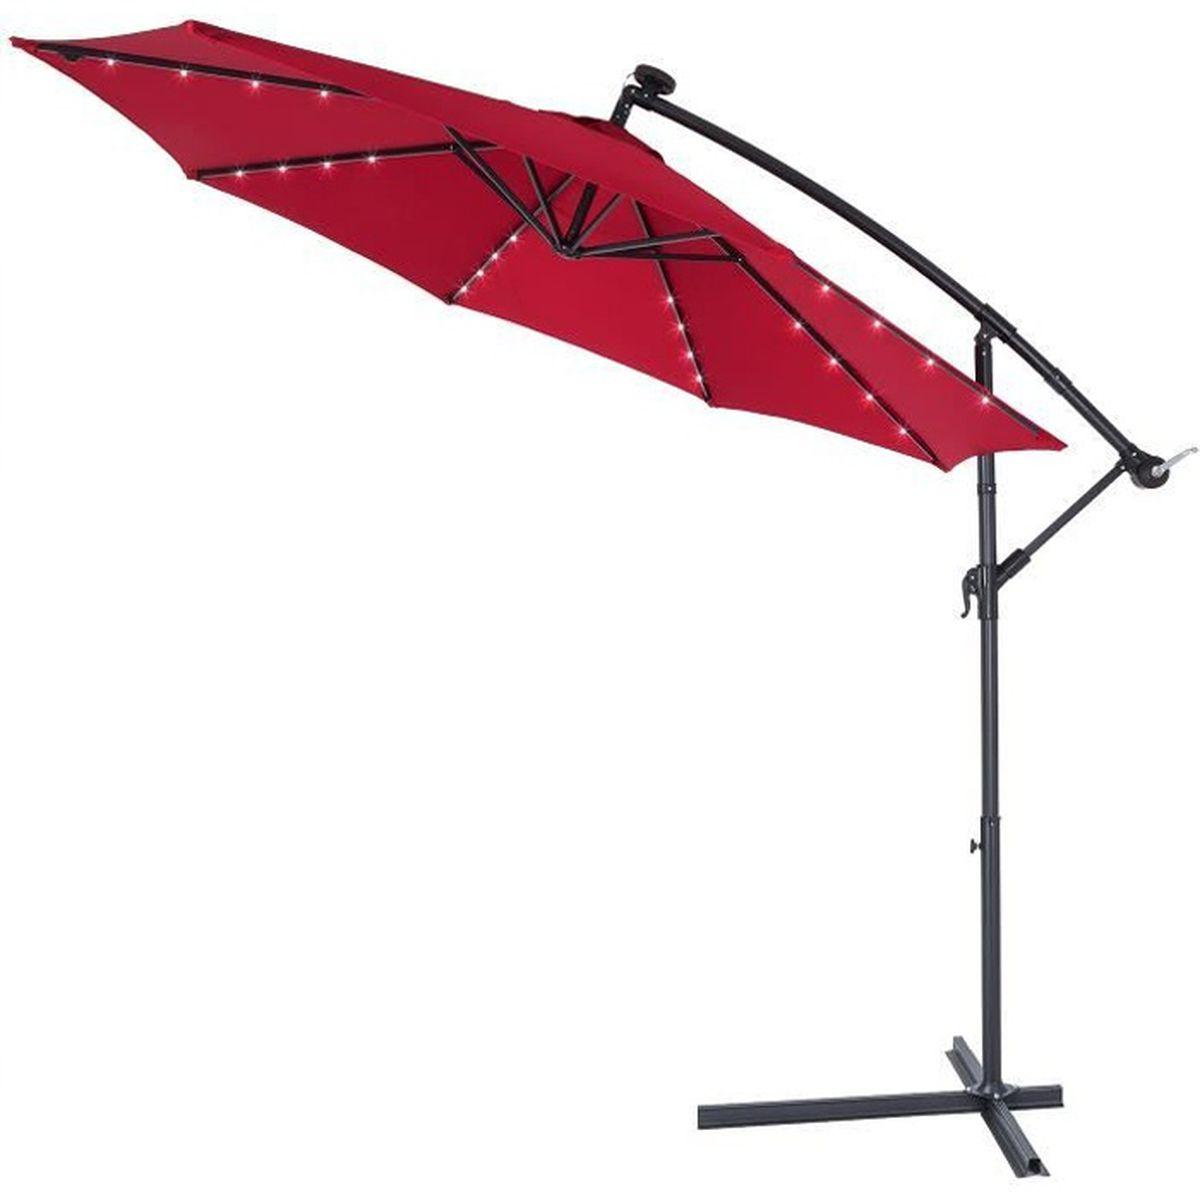 Eclairage Solaire Pour Tonnelle parasol déporté • aluminium • Ø3m • haiti • éclairage 32 led • lampe  solaire • rouge | protection, manivelle • parasol de jardin